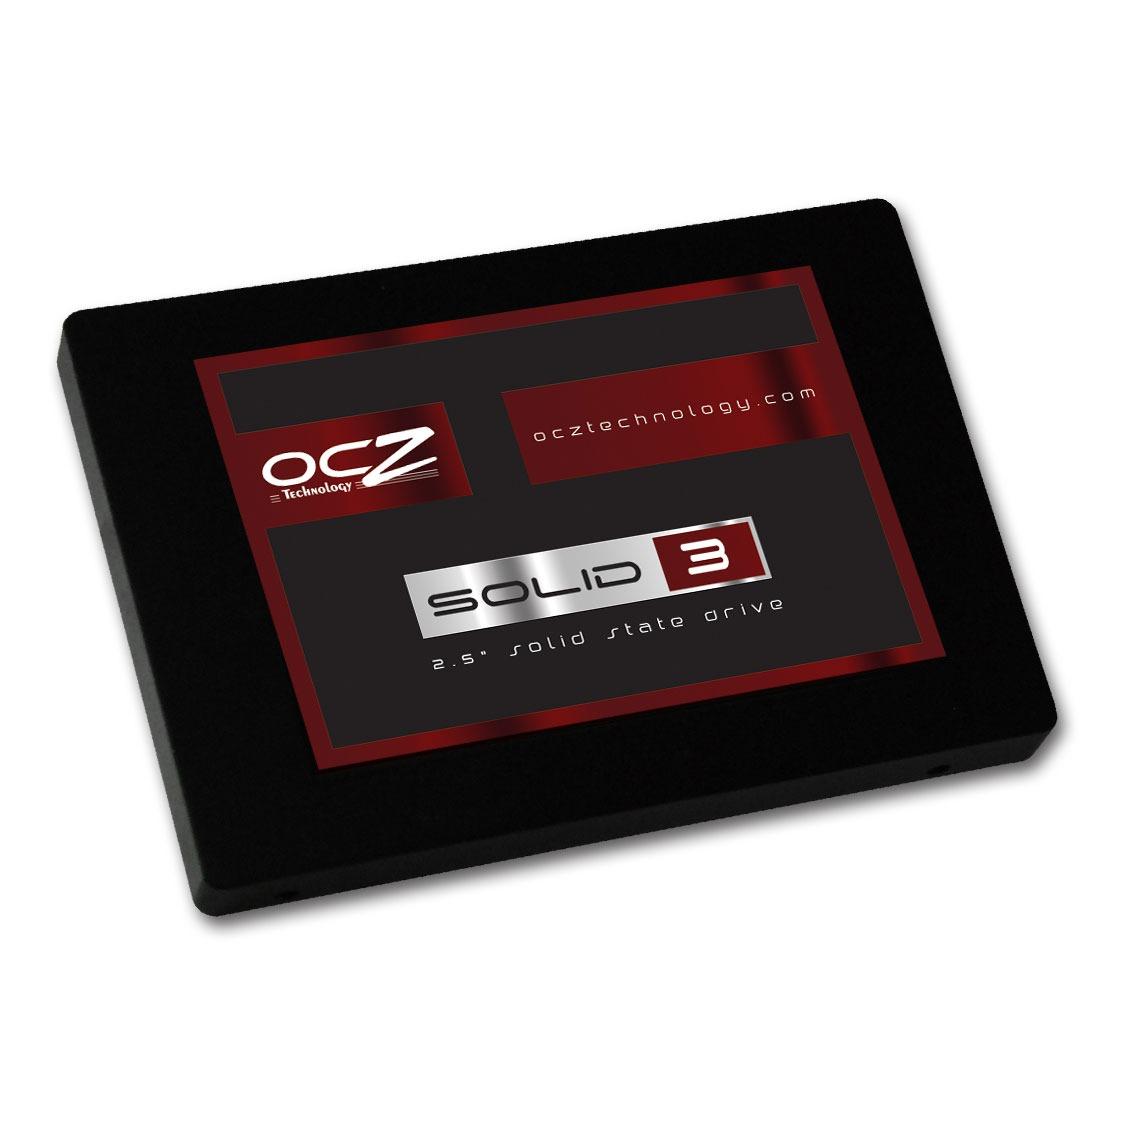 """Disque SSD OCZ Solid 3 Series 120 Go SATA 6Gb/s OCZ Solid 3 Series - SSD 120 Go 2.5"""" Serial ATA 6Gb/s"""